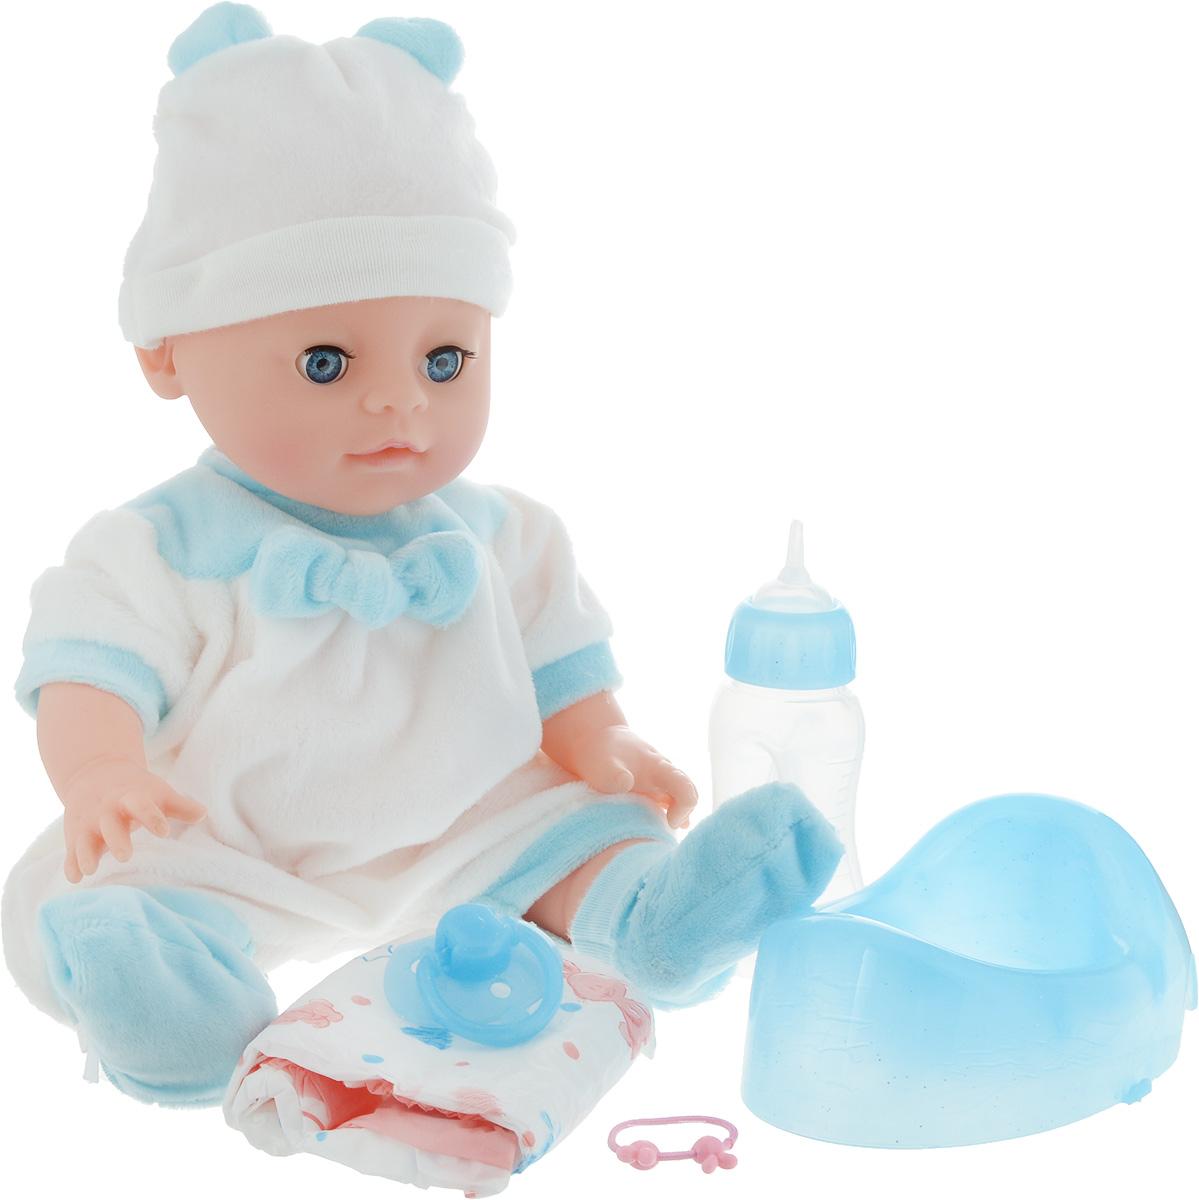 Lisa Jane Пупс с горшком цвет одежды белый голубой 35 см 59466 lisa jane пупс с ванной 35 см 59476